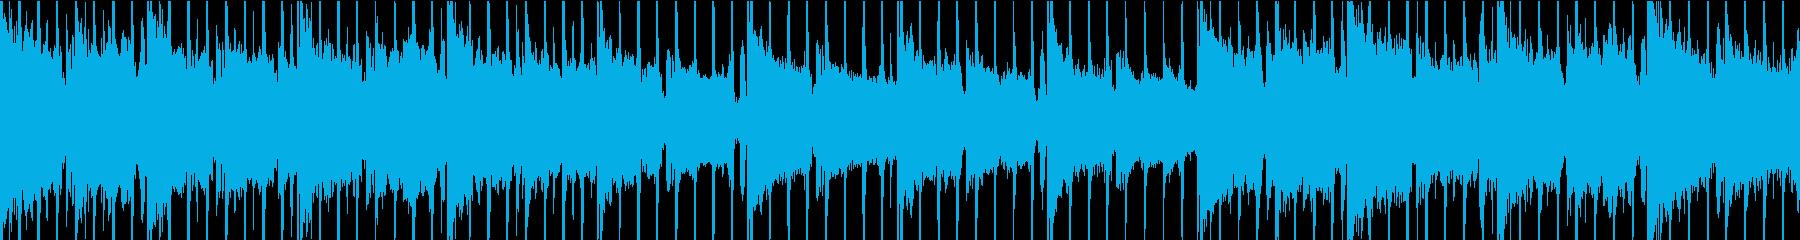 おしゃれなlofiトラック ループの再生済みの波形